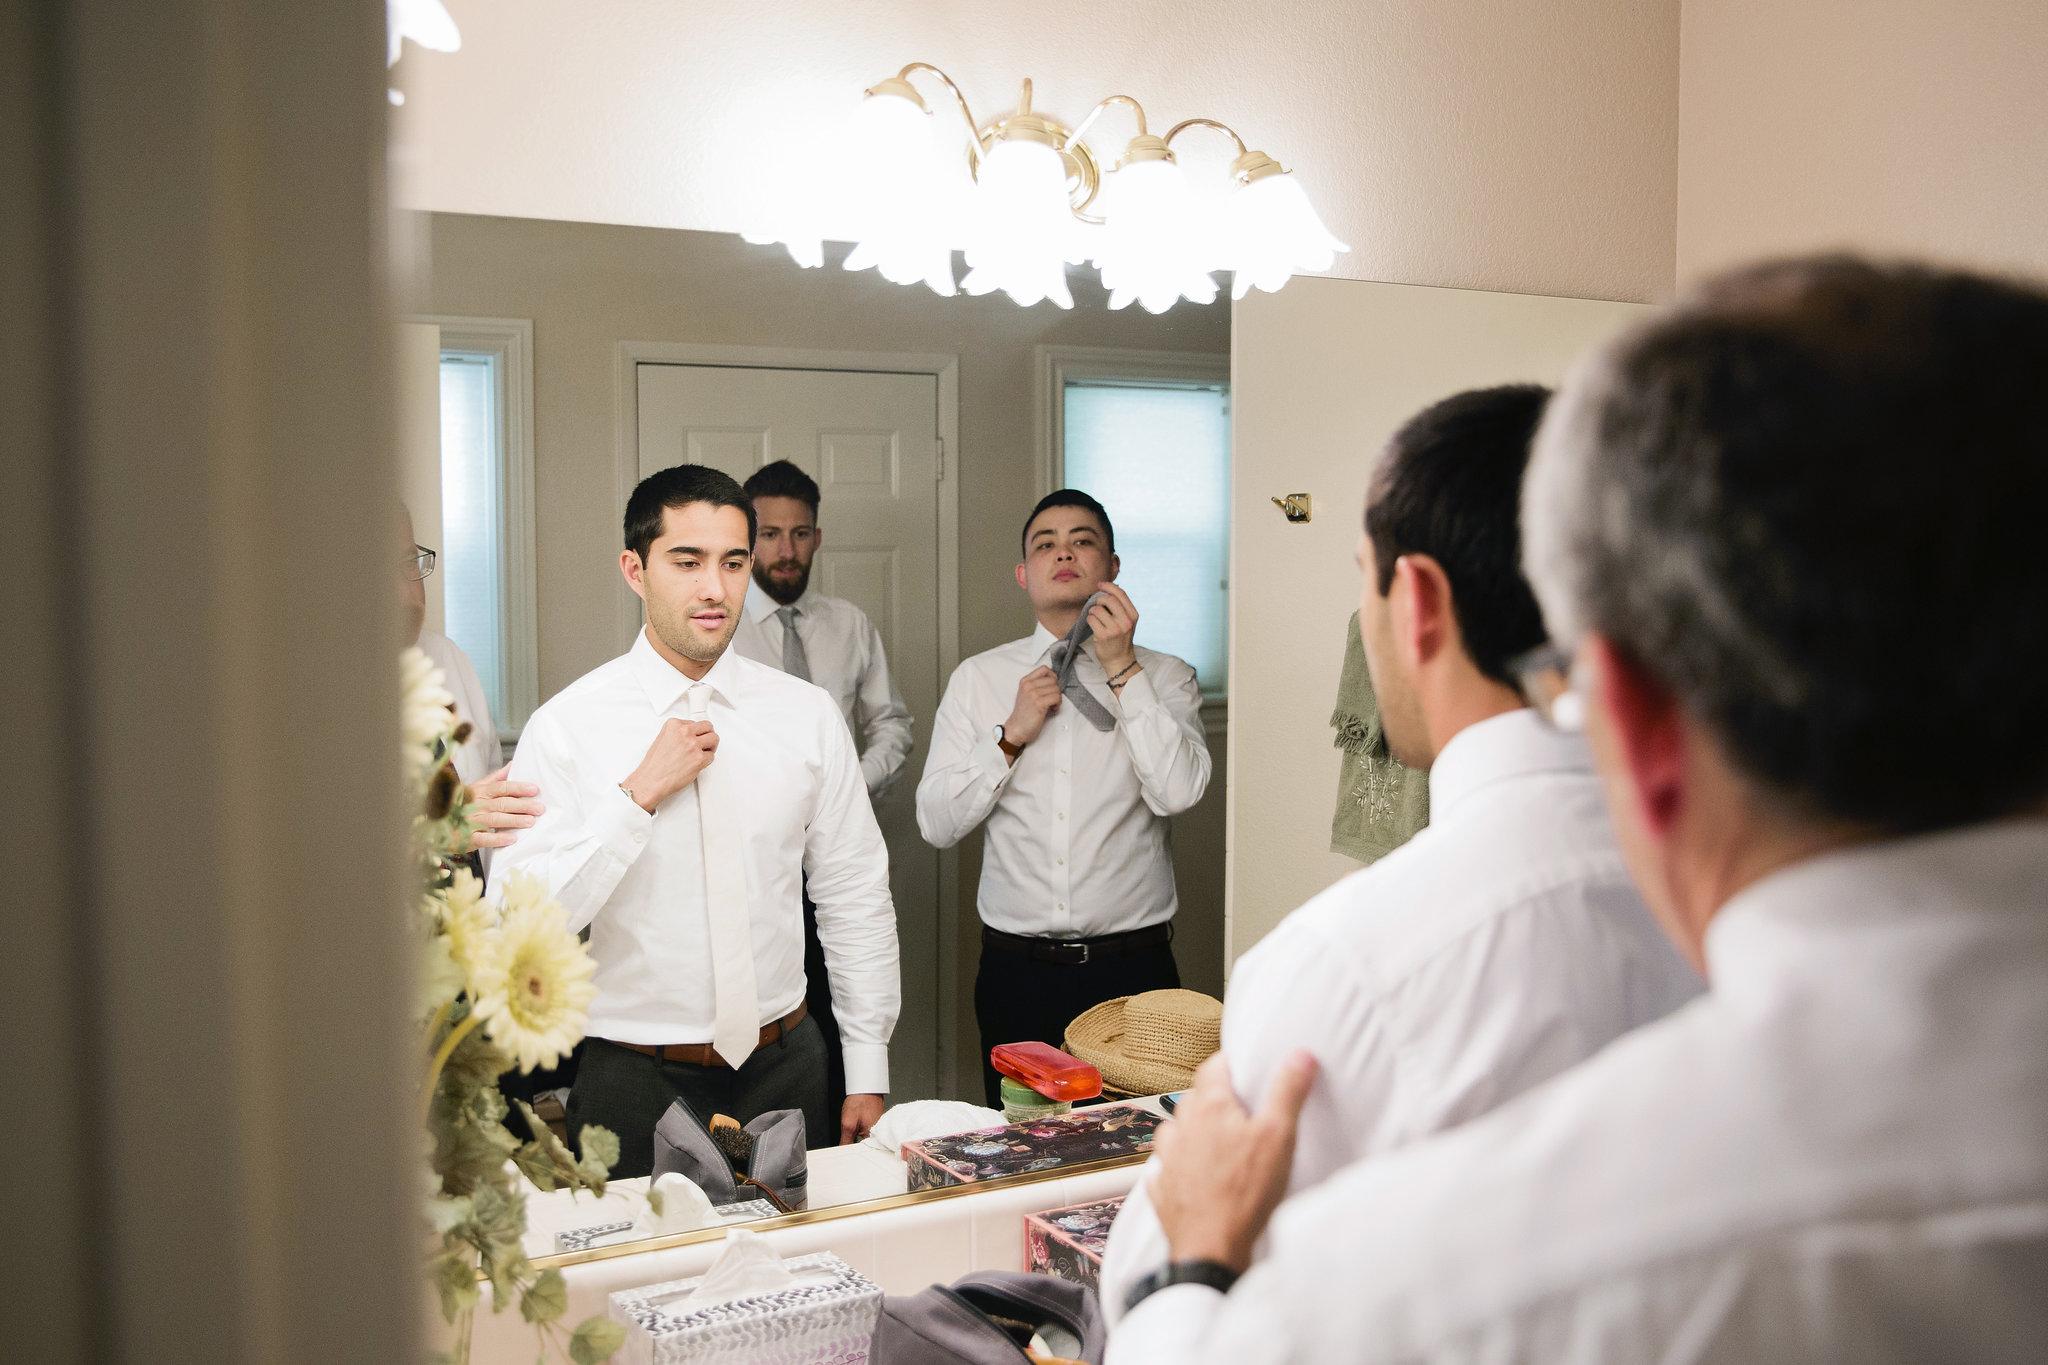 Wedding-Private-Home-South-Bay-16.JPG